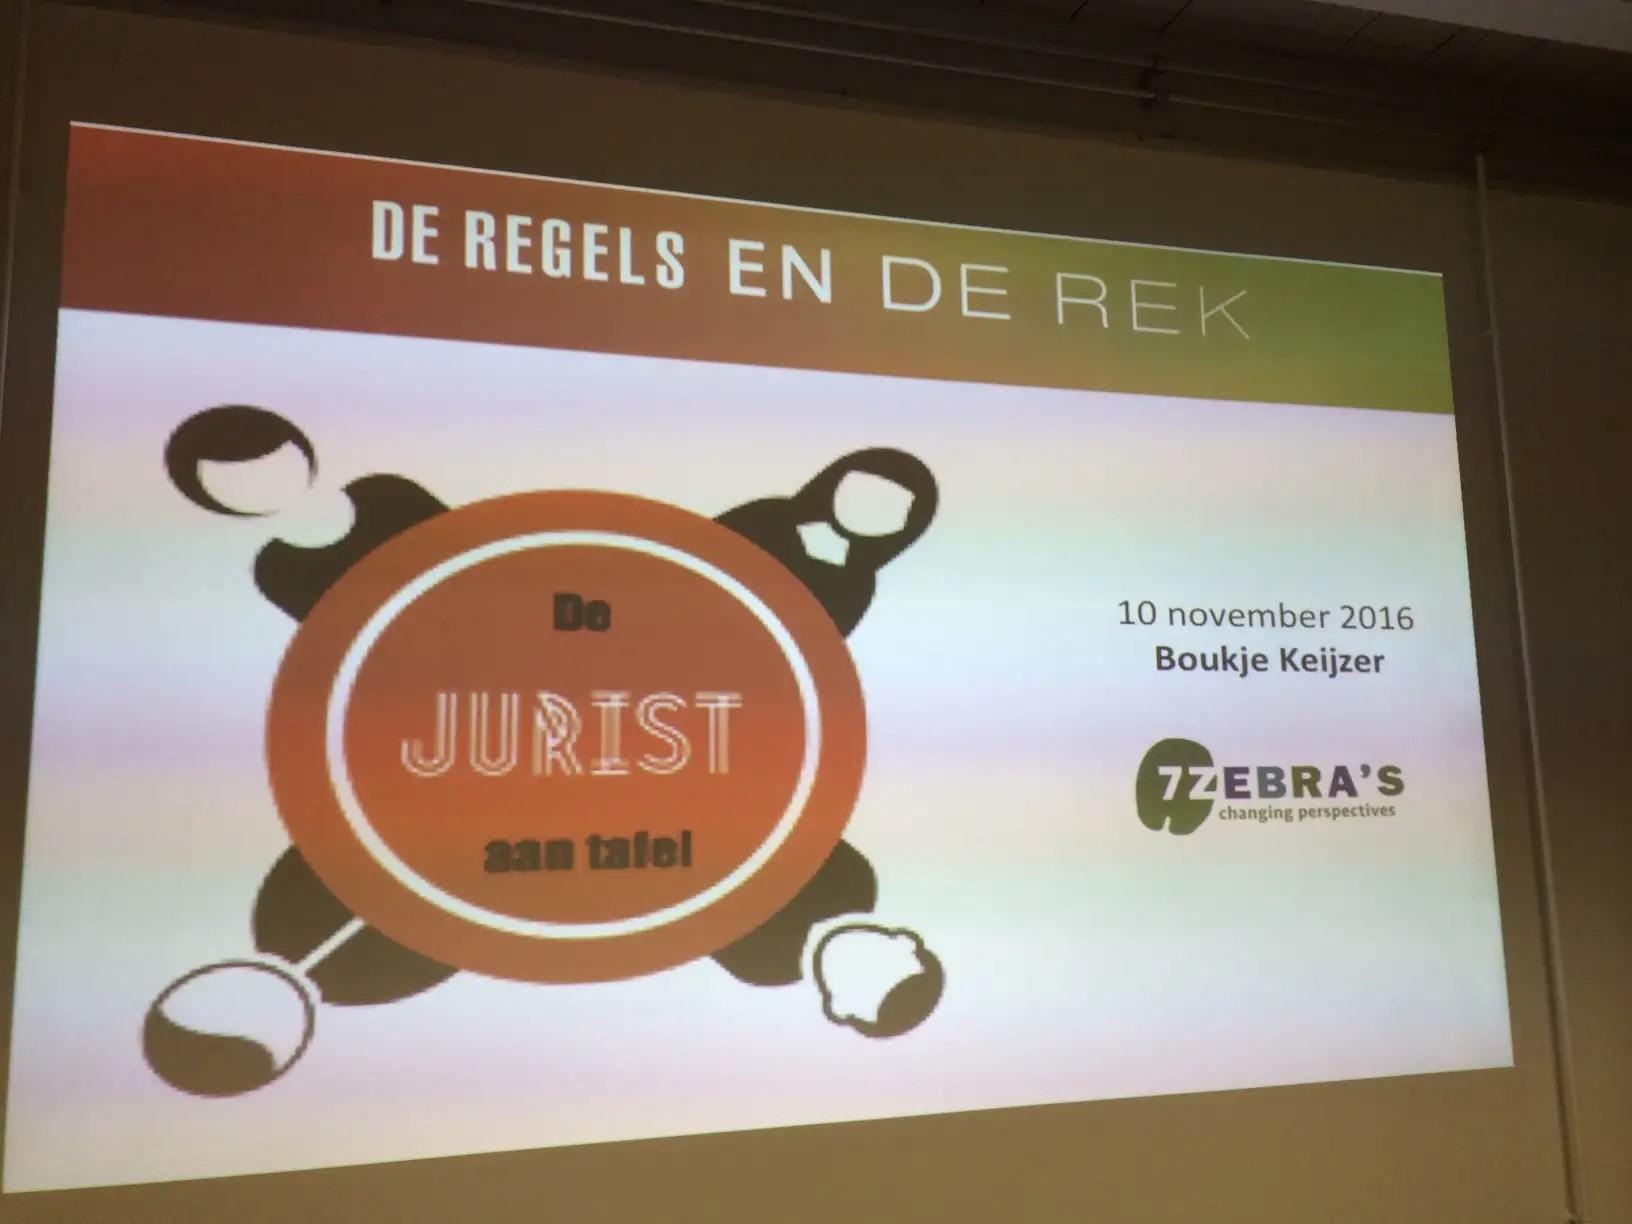 Voorbereidingen workshop Boukje Keijzer zijn alvast in volle gang!